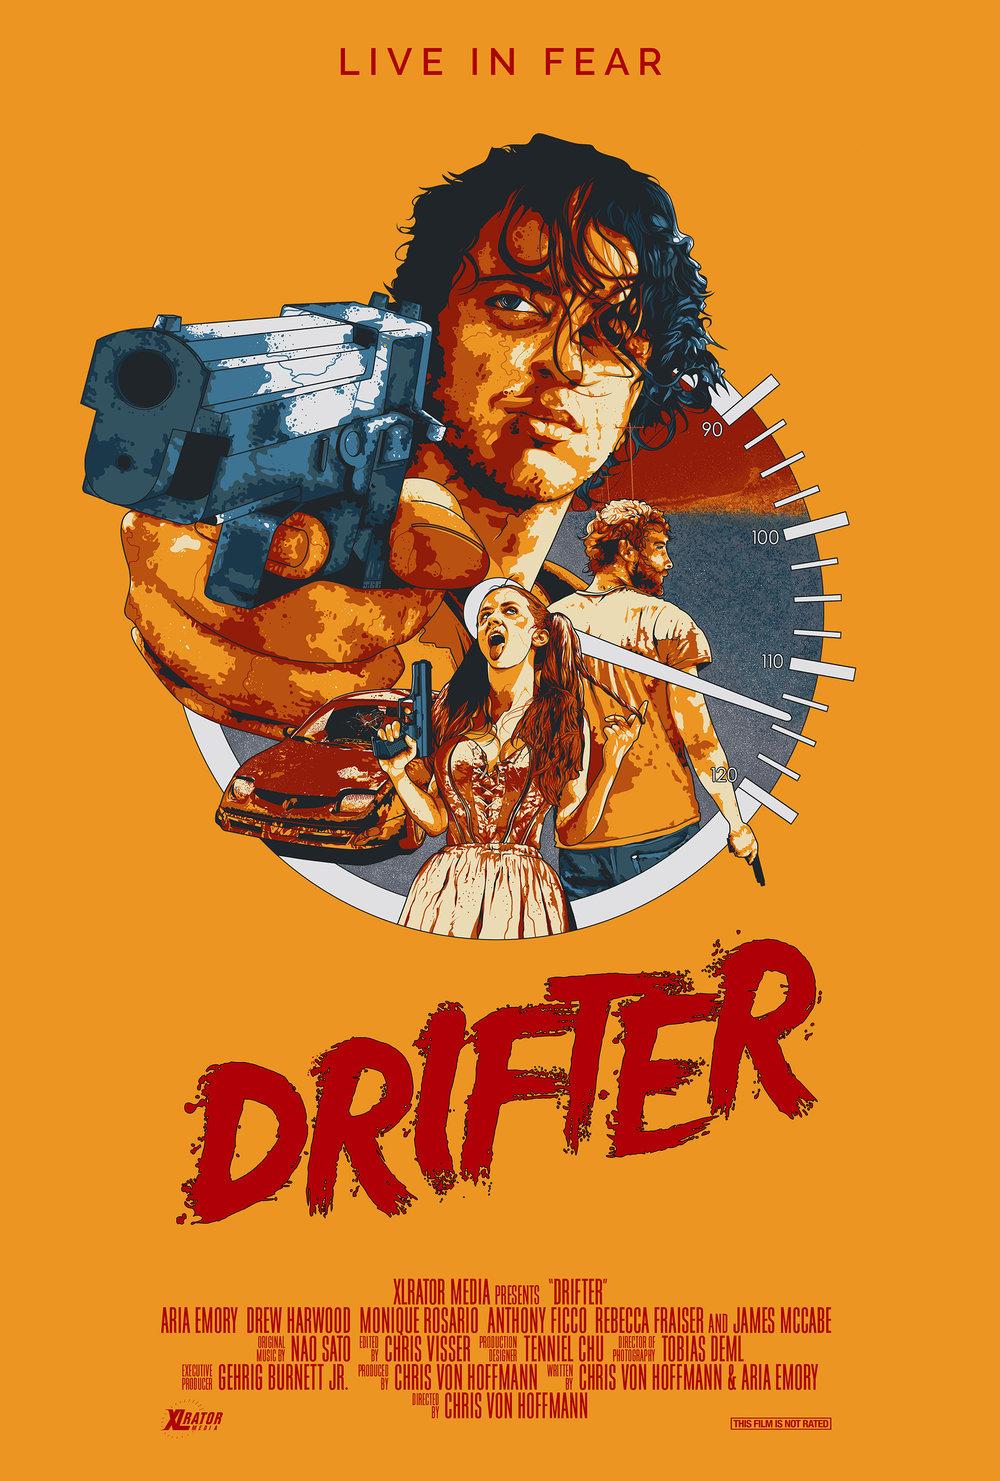 Drifter_US1ST_JonathanBPerezArt